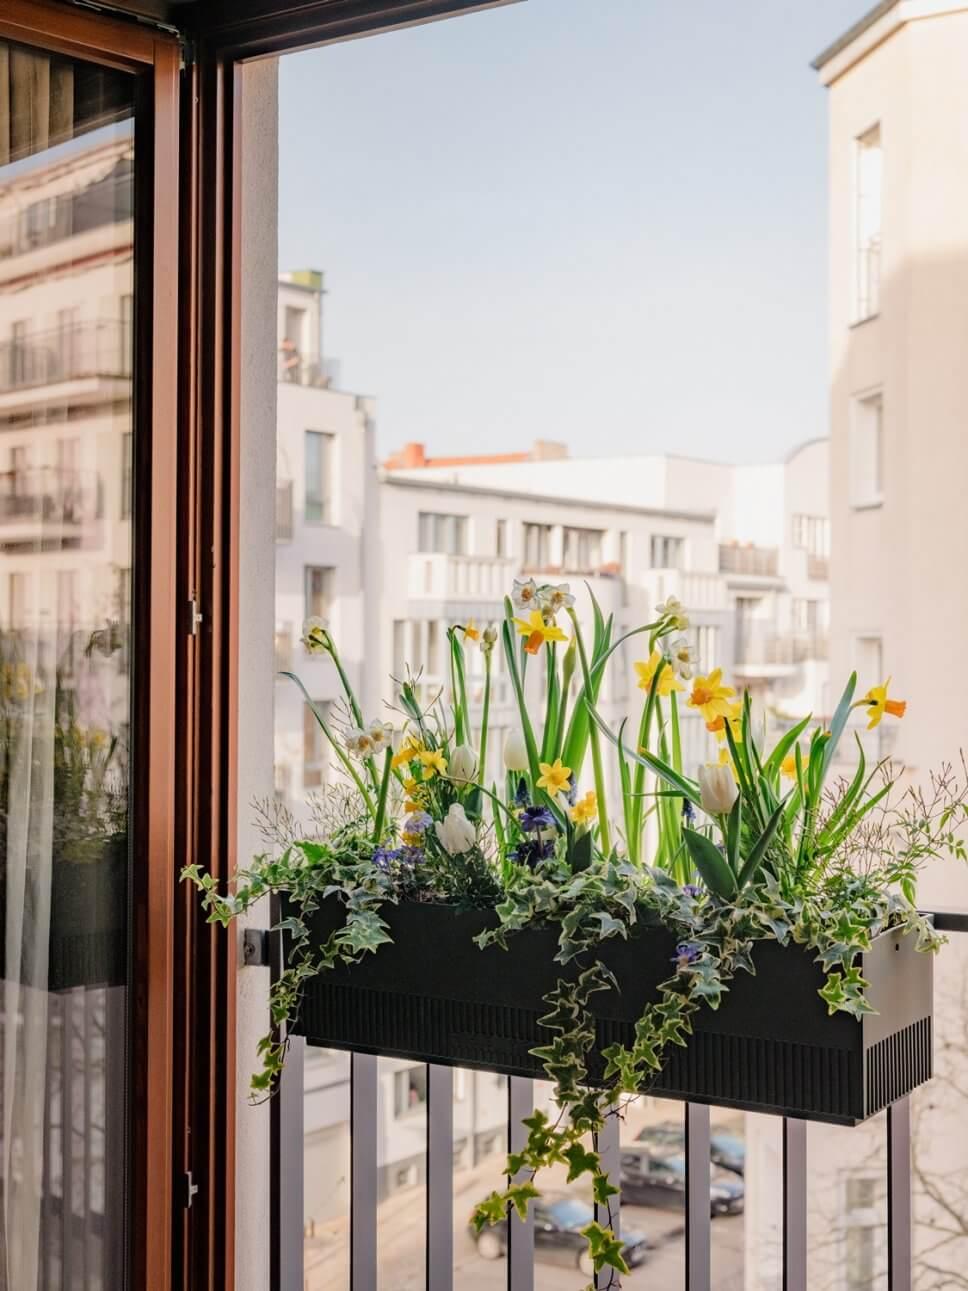 Üppig mit bunten Blumen bepflanzter Balkonkasten auf Balkon